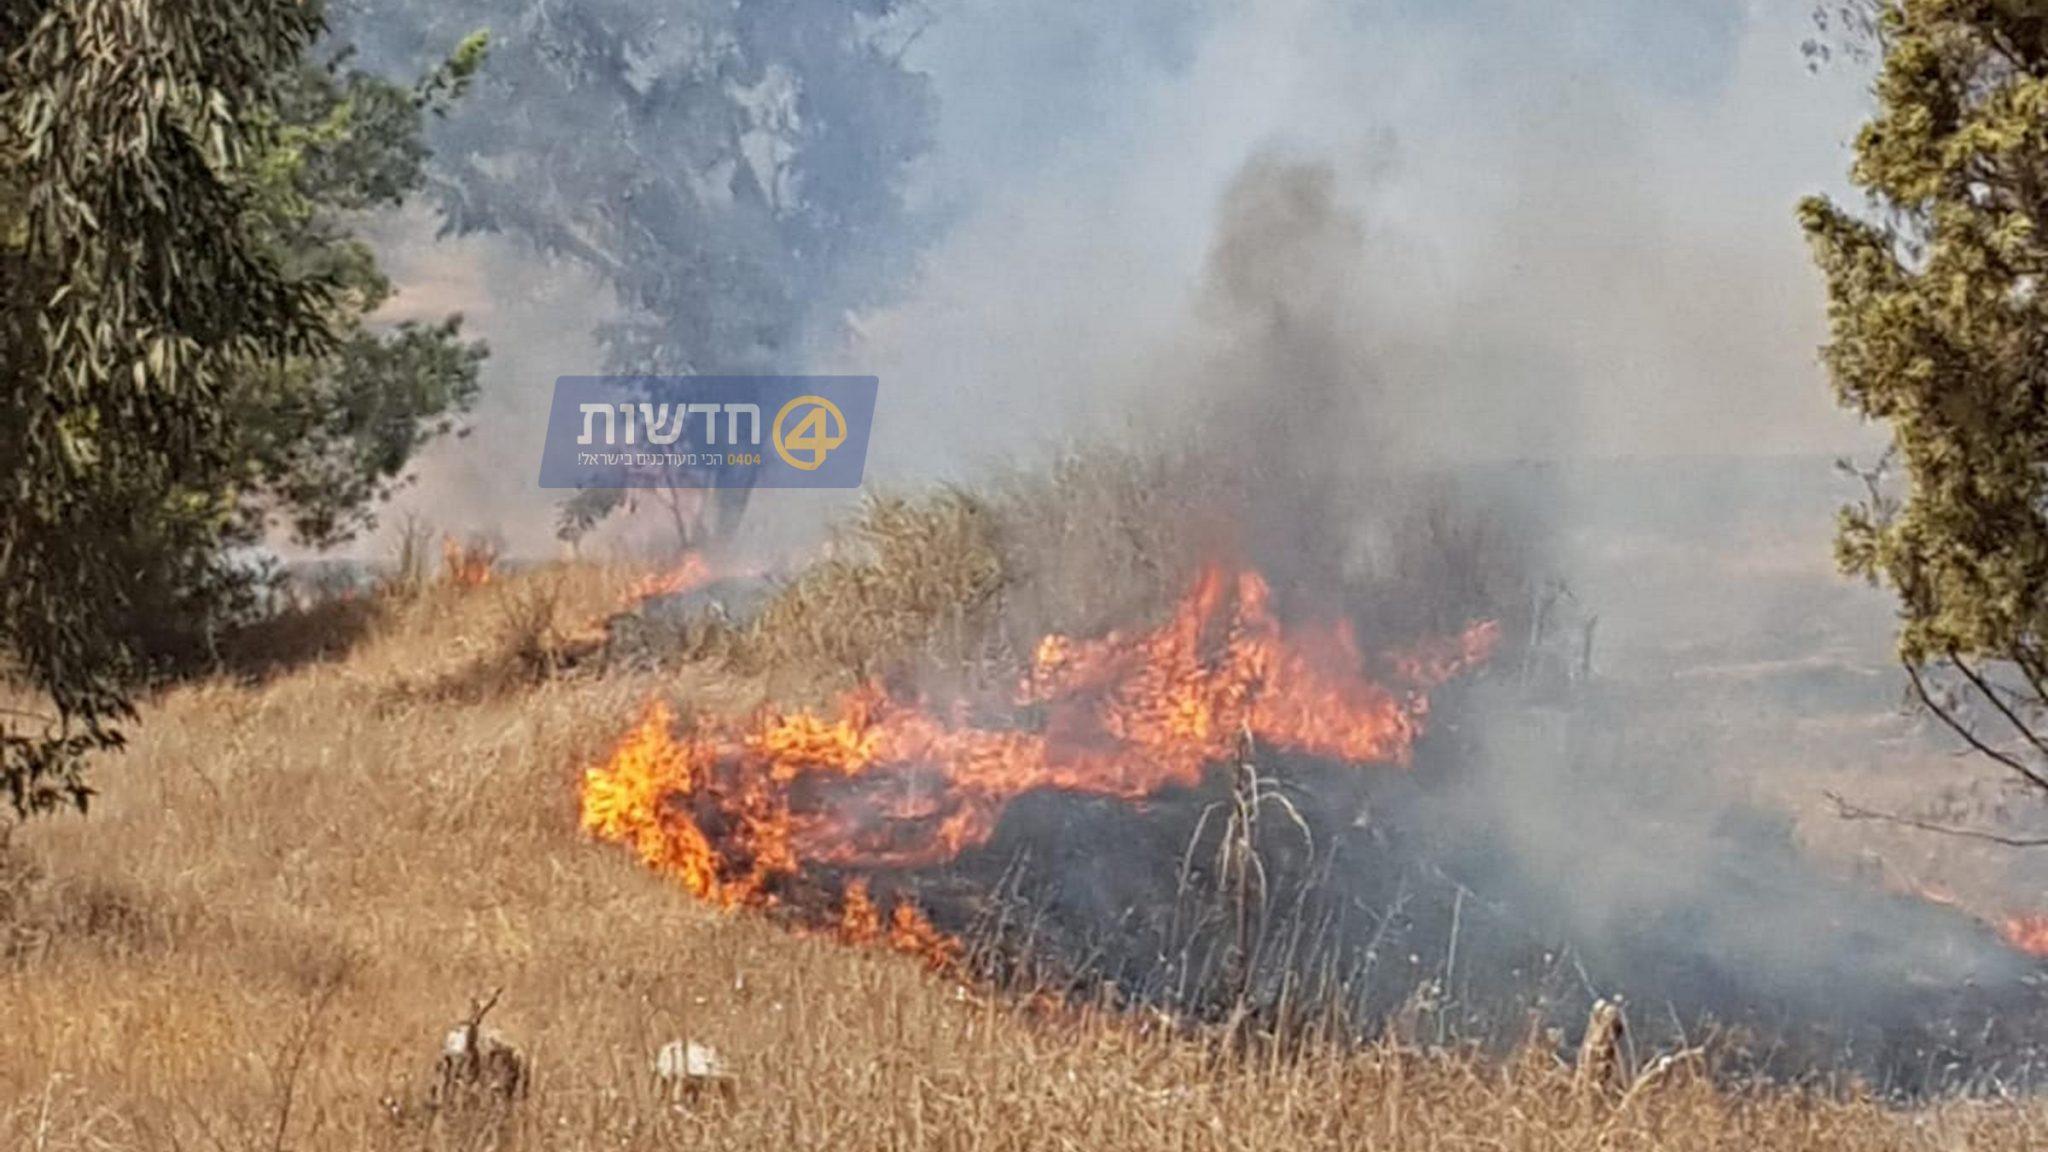 אלפי ערבים התפרעו בגדר הרצועה – שריפה נוספת בעוטף מבלוני תבערה